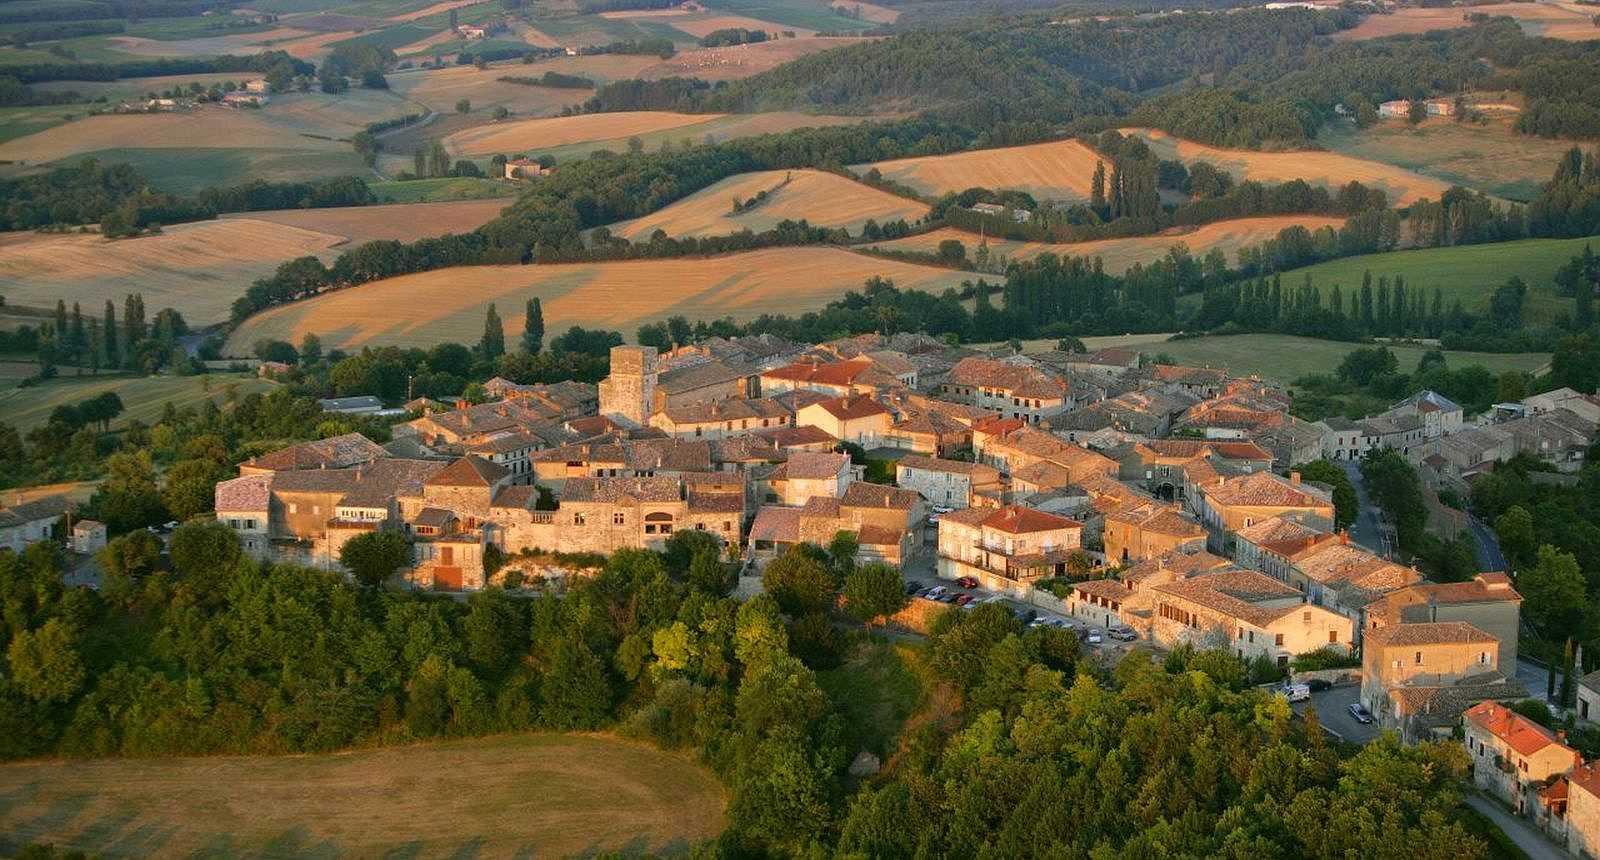 Vue sur le village de Castelnau-de-Montmiral